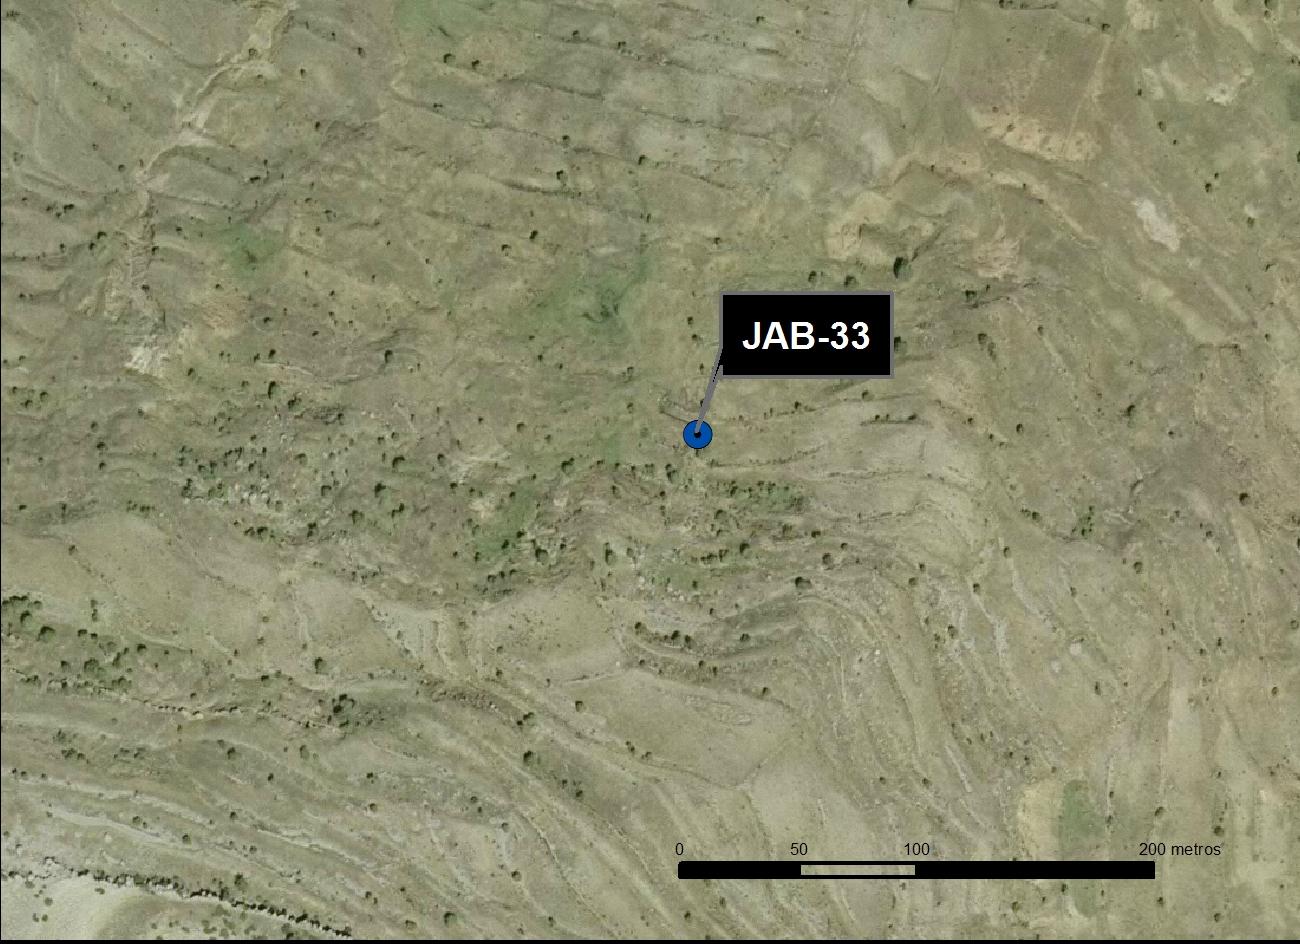 JAB_33_M.V.LOZANO_PEÑA_ORTO 1